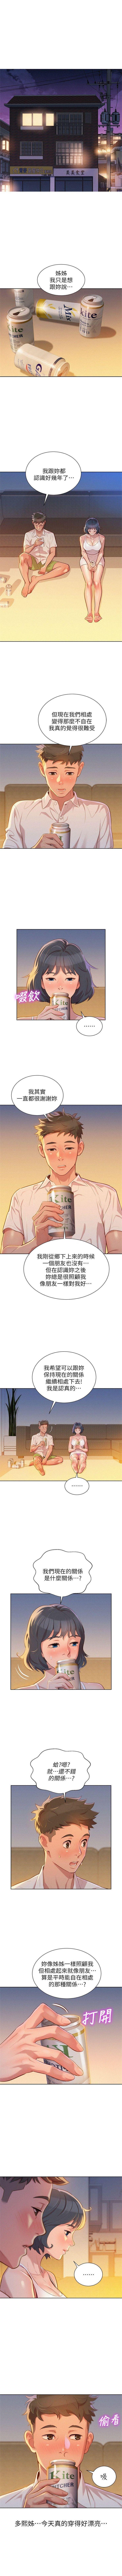 (周7)漂亮干姐姐  1-81 中文翻译 (更新中) 163